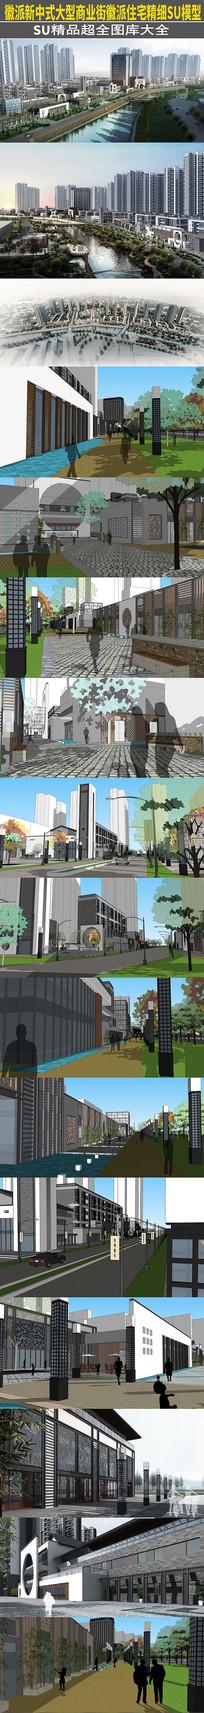 徽派新中式大型商业街徽派住宅精细模型